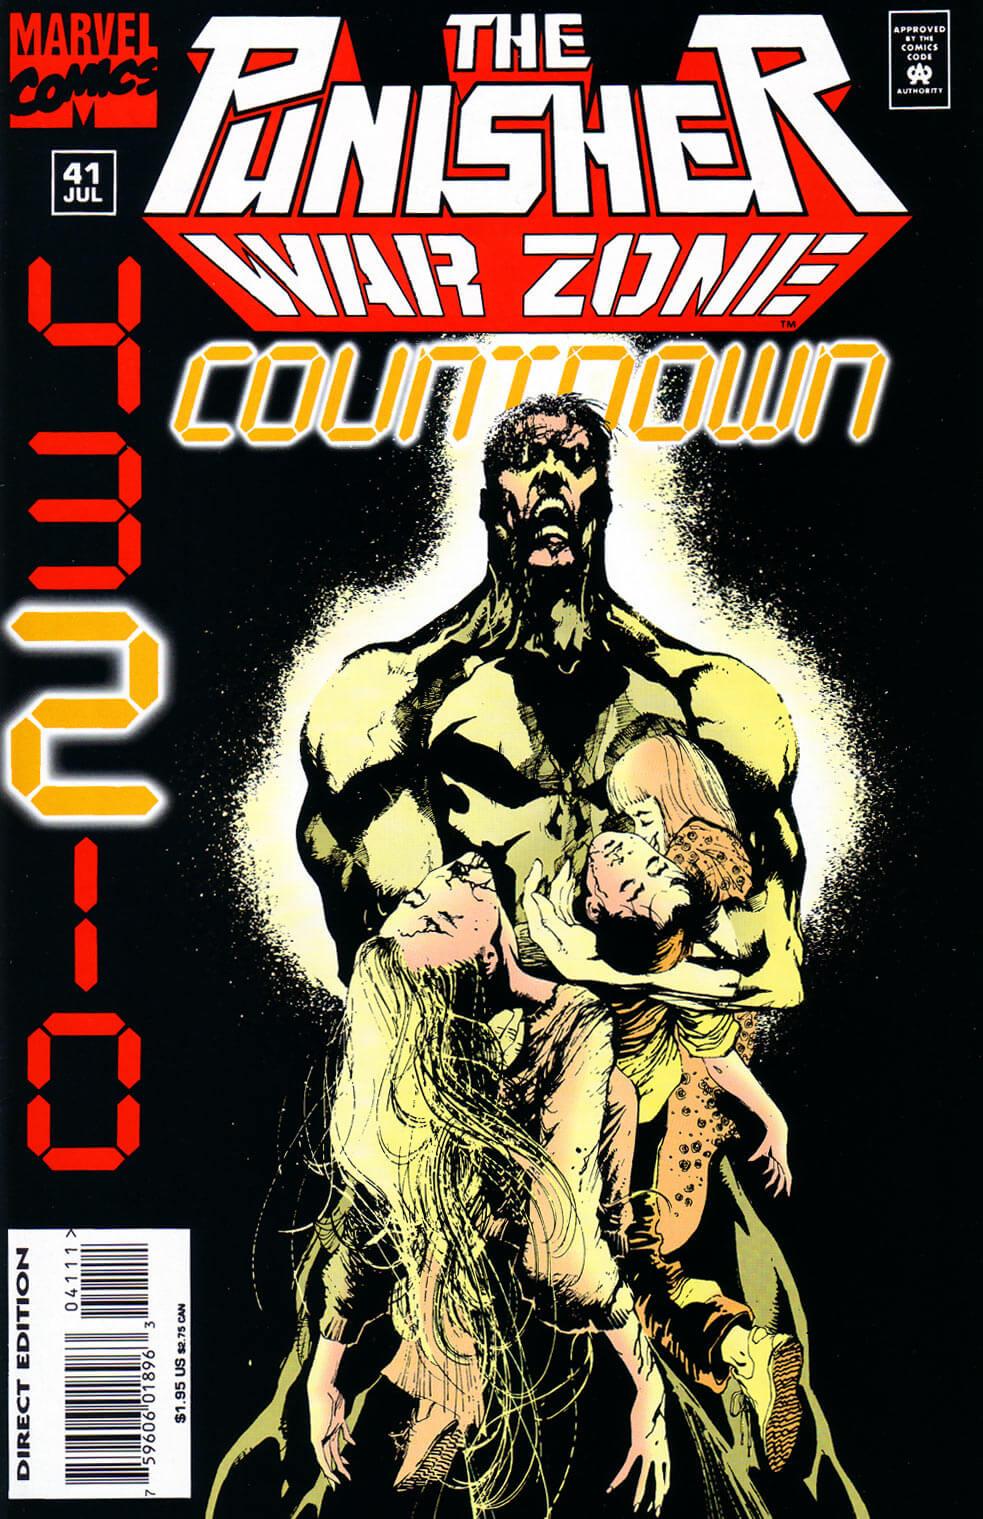 Punisher War Zone #41